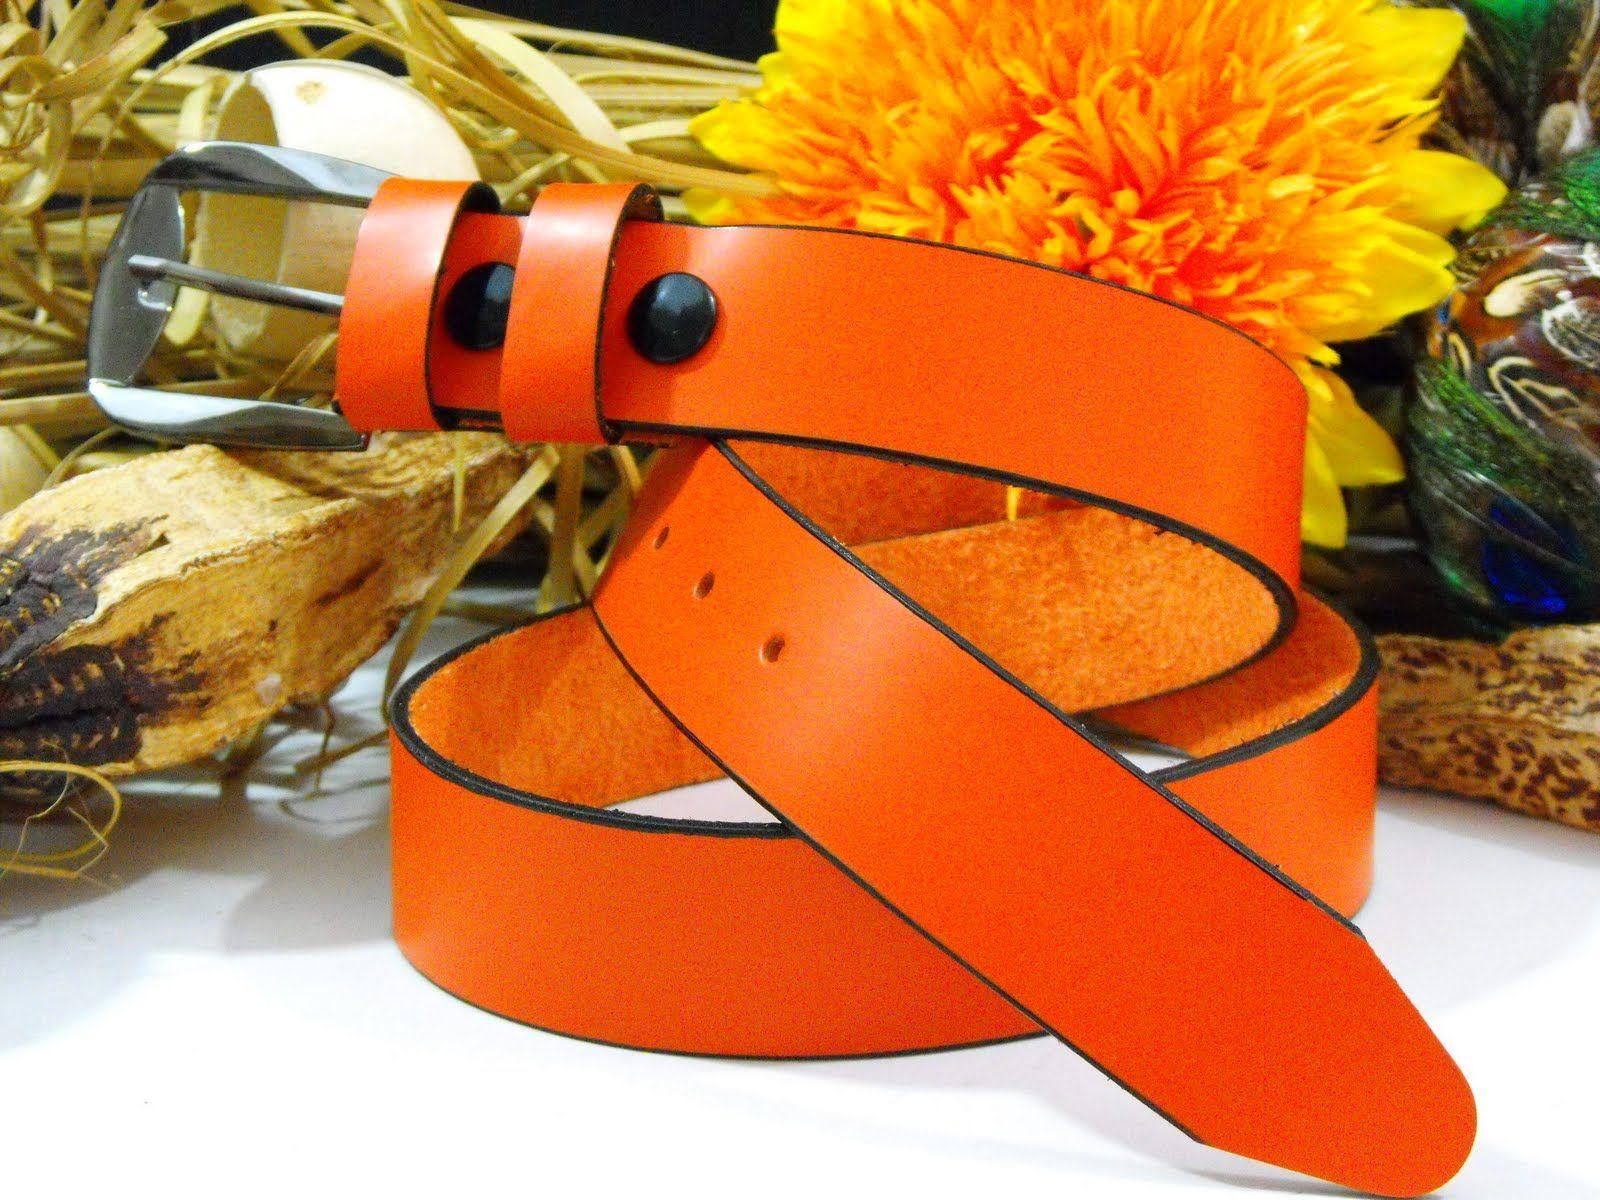 Awesome orange belt